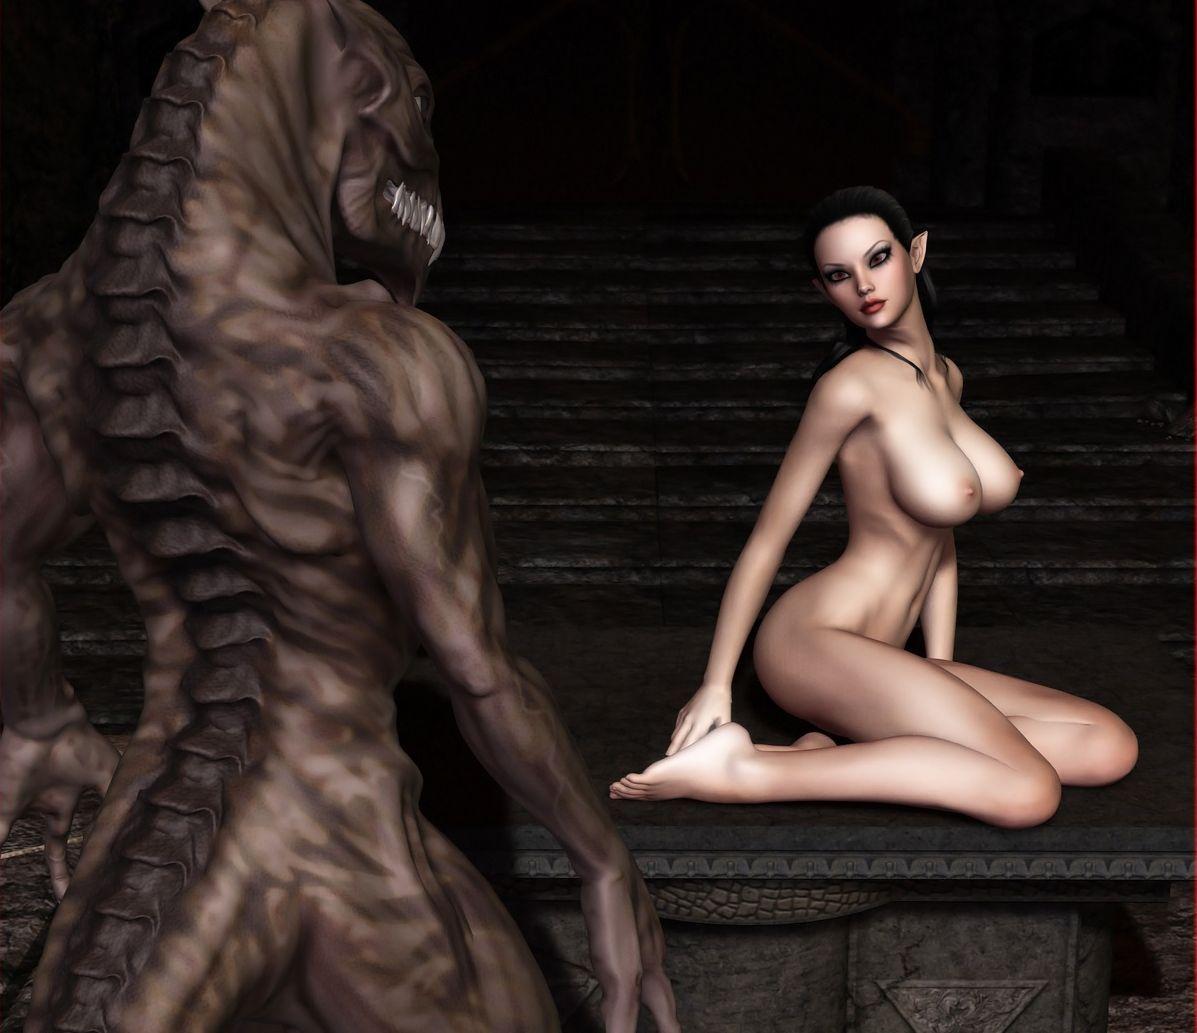 Midget reptil sex pornos